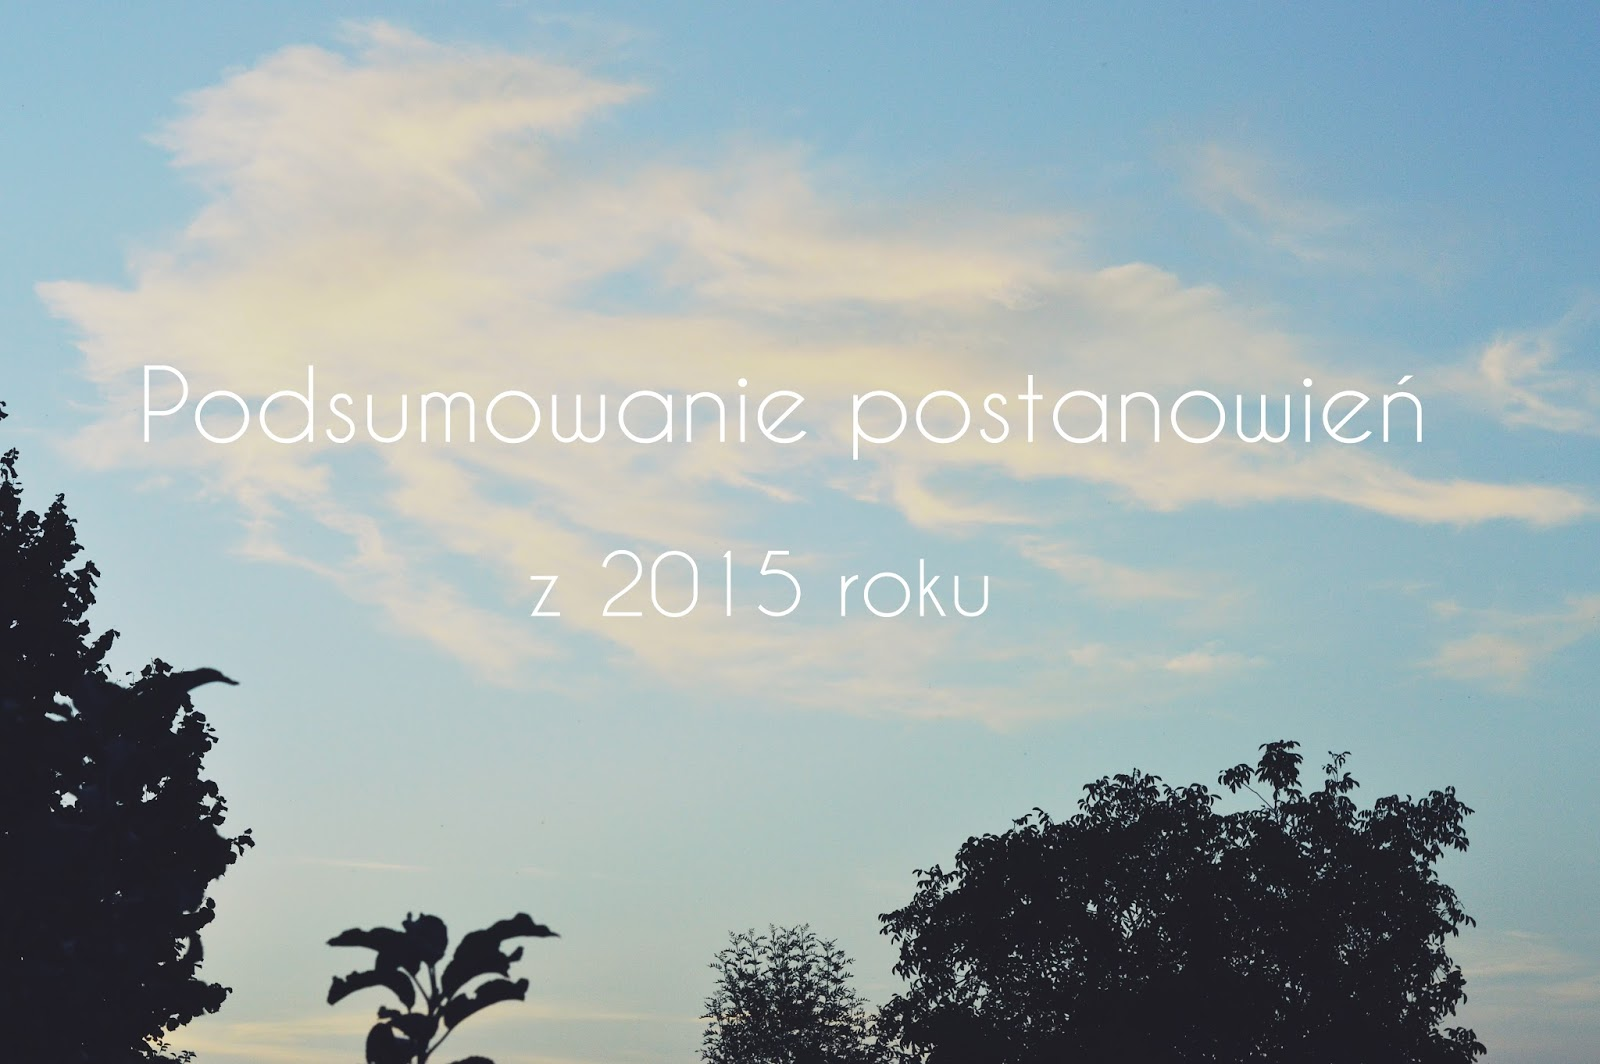 PODSUMOWANIE POSTANOWIEŃ Z 2015 ROKU